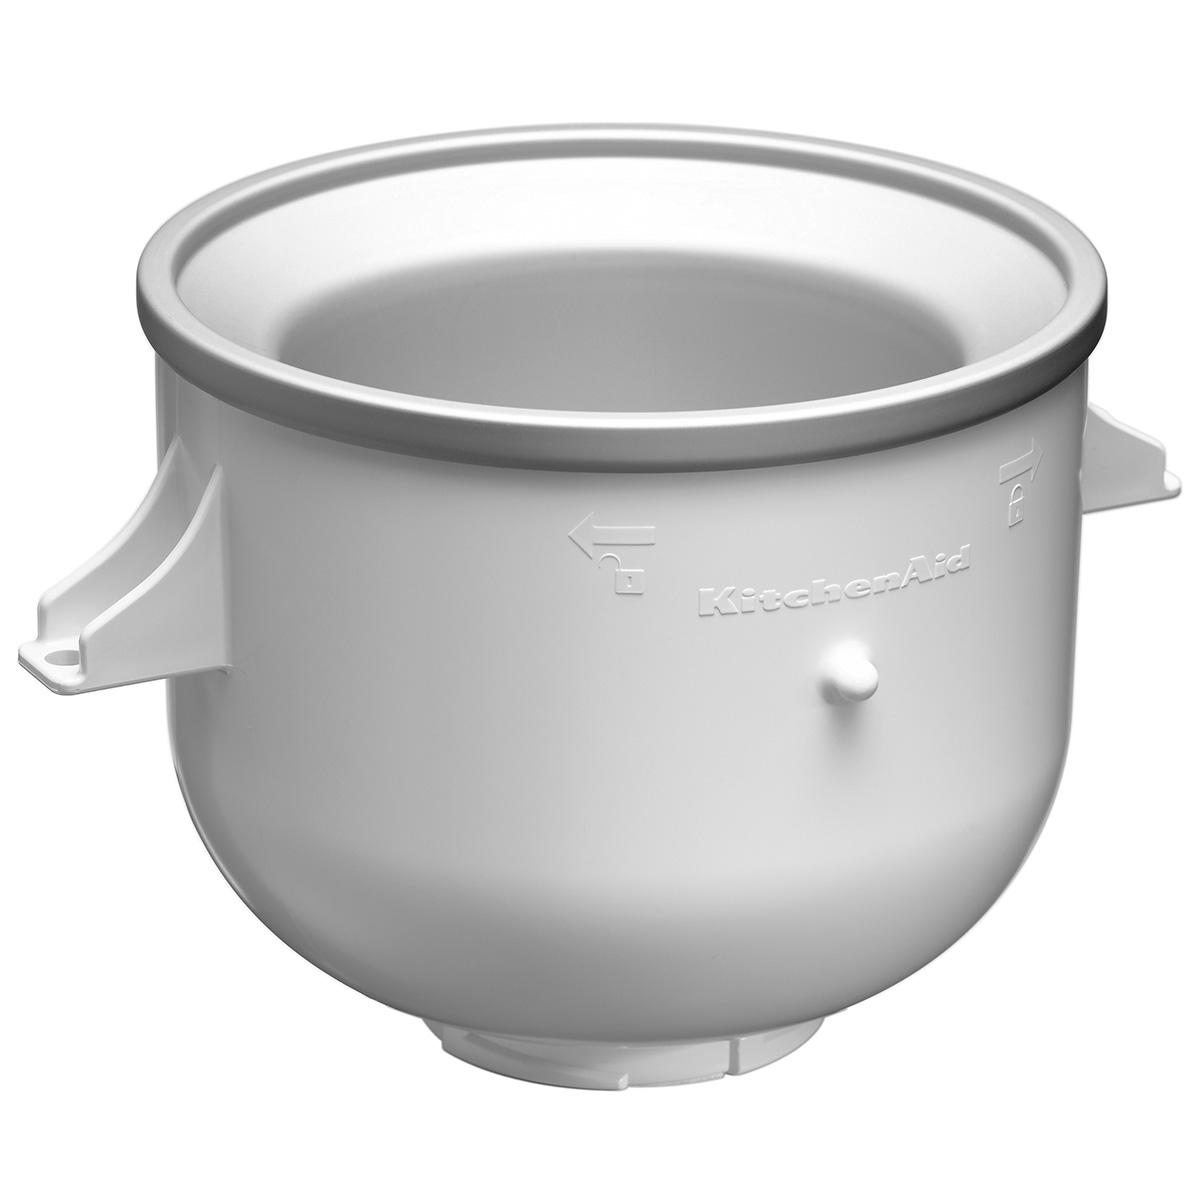 KitchenAid skål til isfremstilling - 1,9 liter